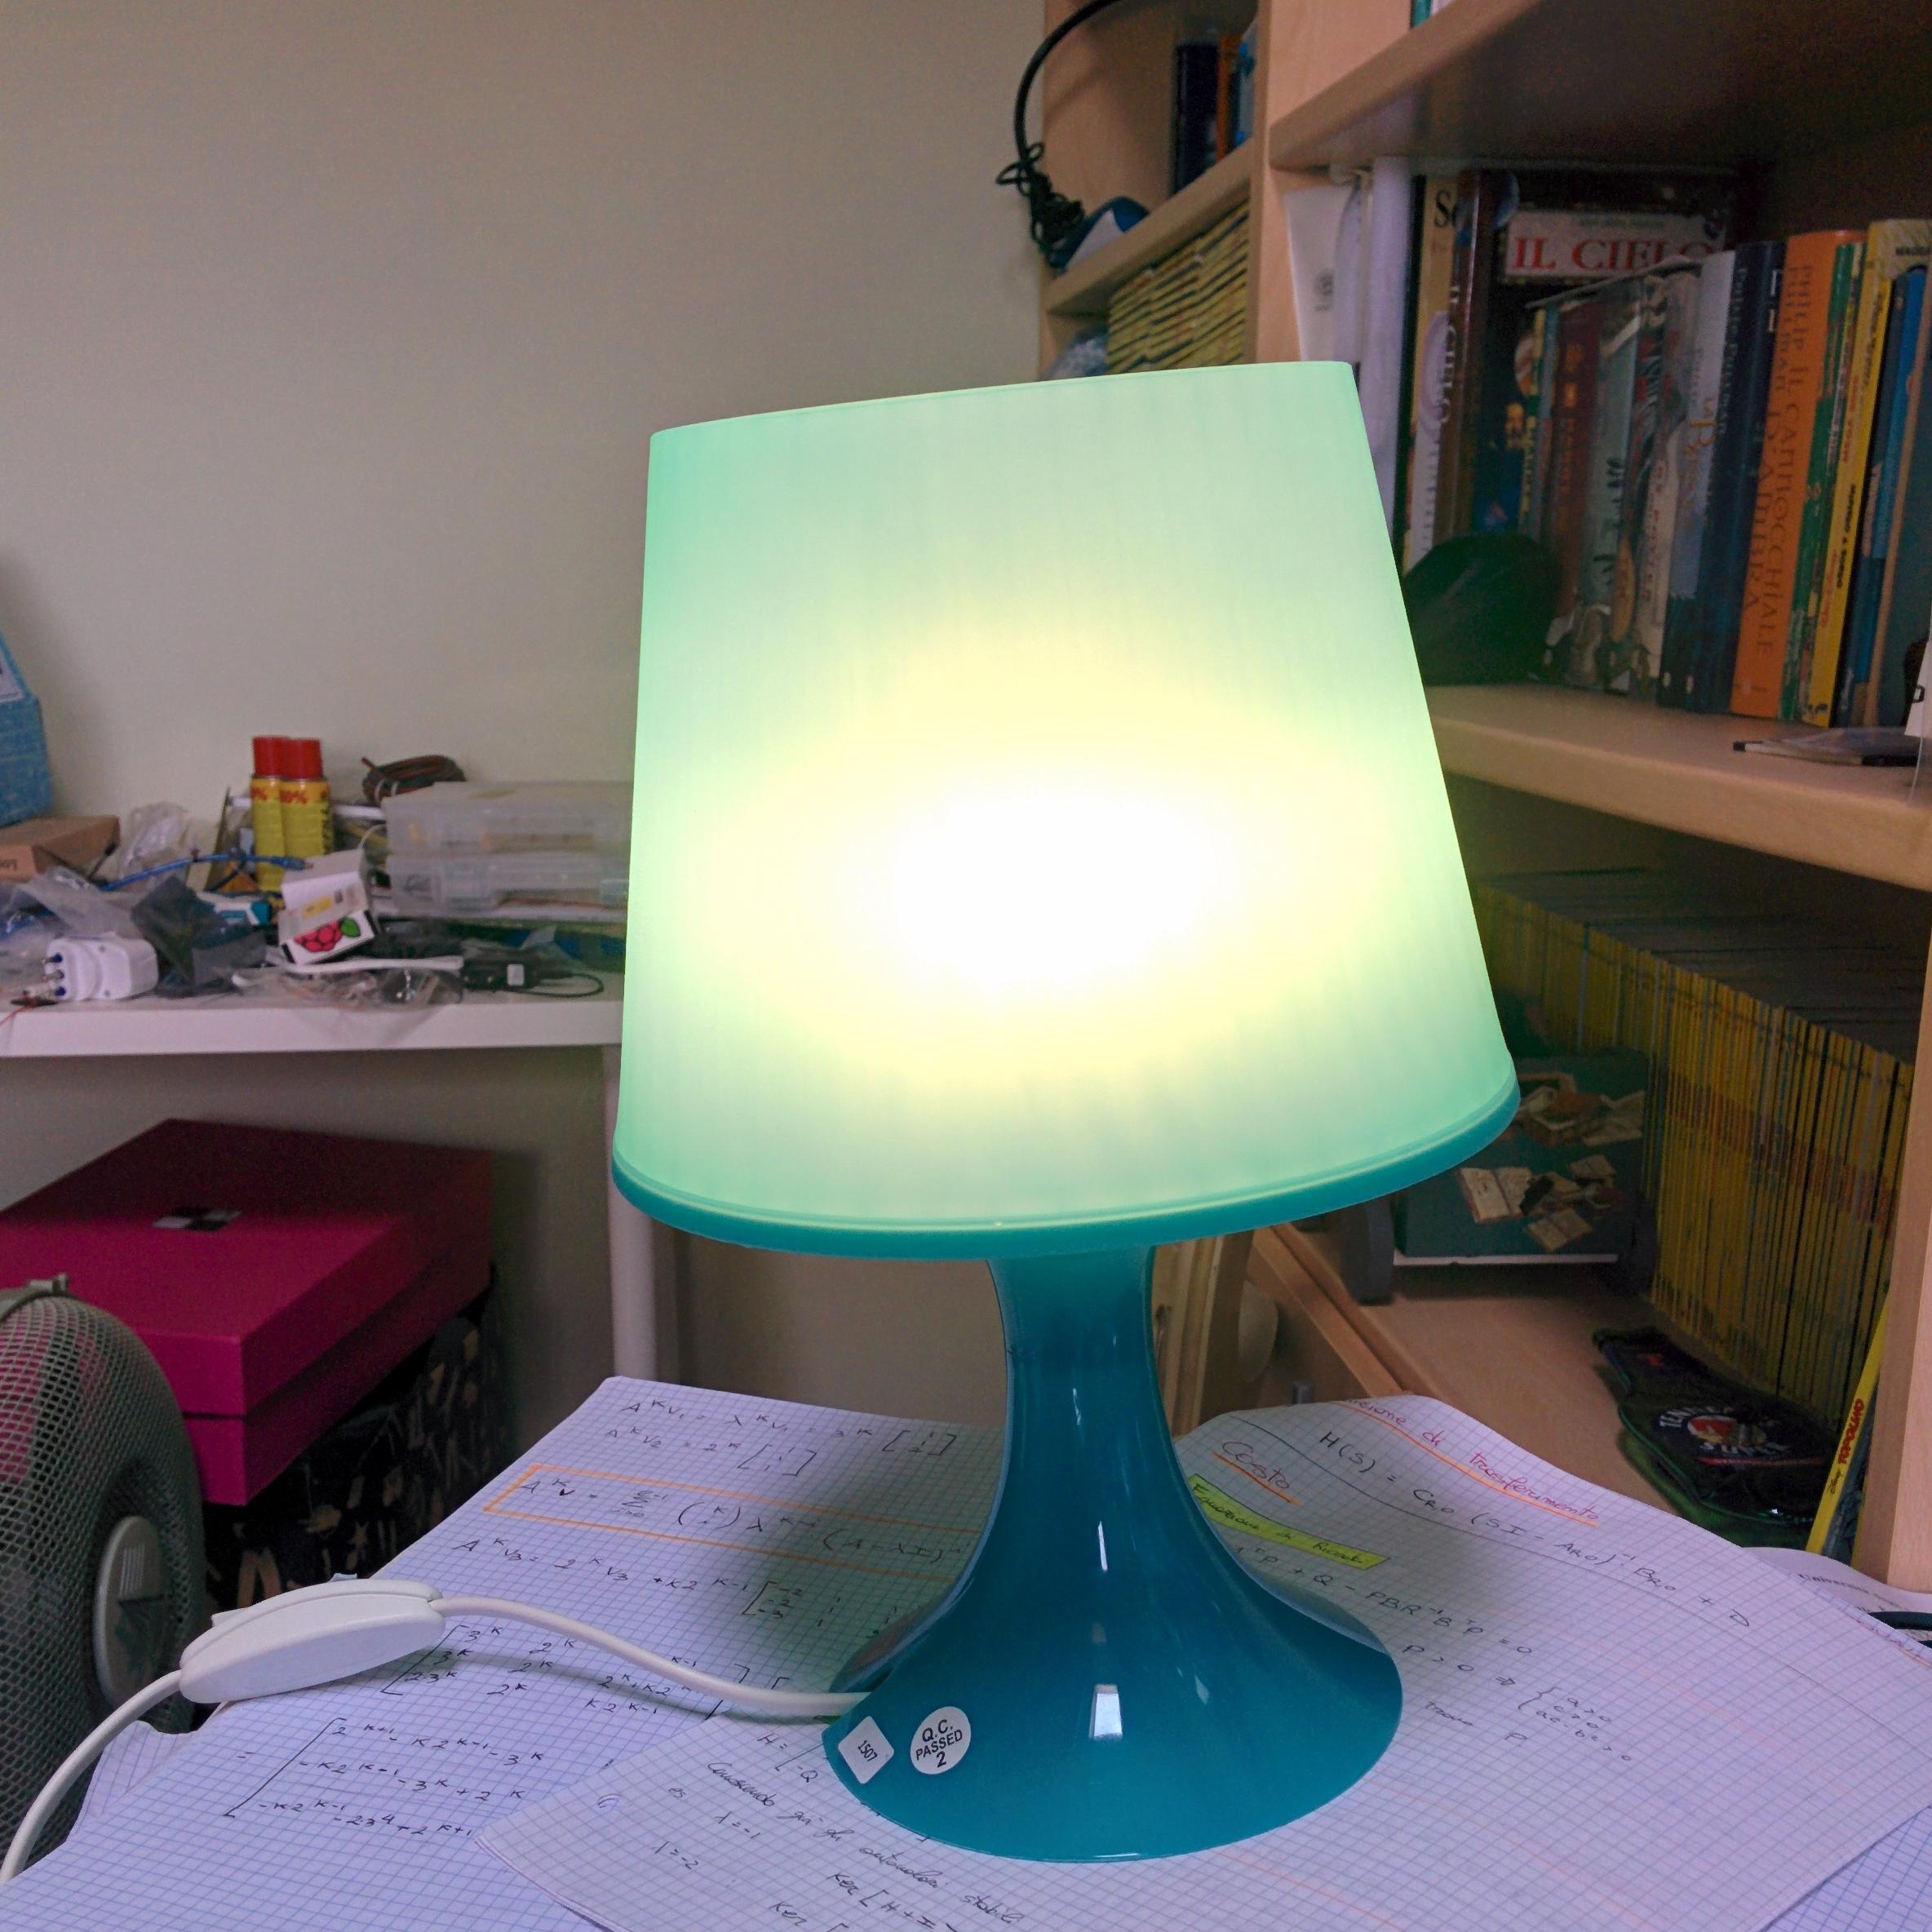 Accensione Lampadario Con Telecomando automatizzare l'accensione di una lampada usando arduino